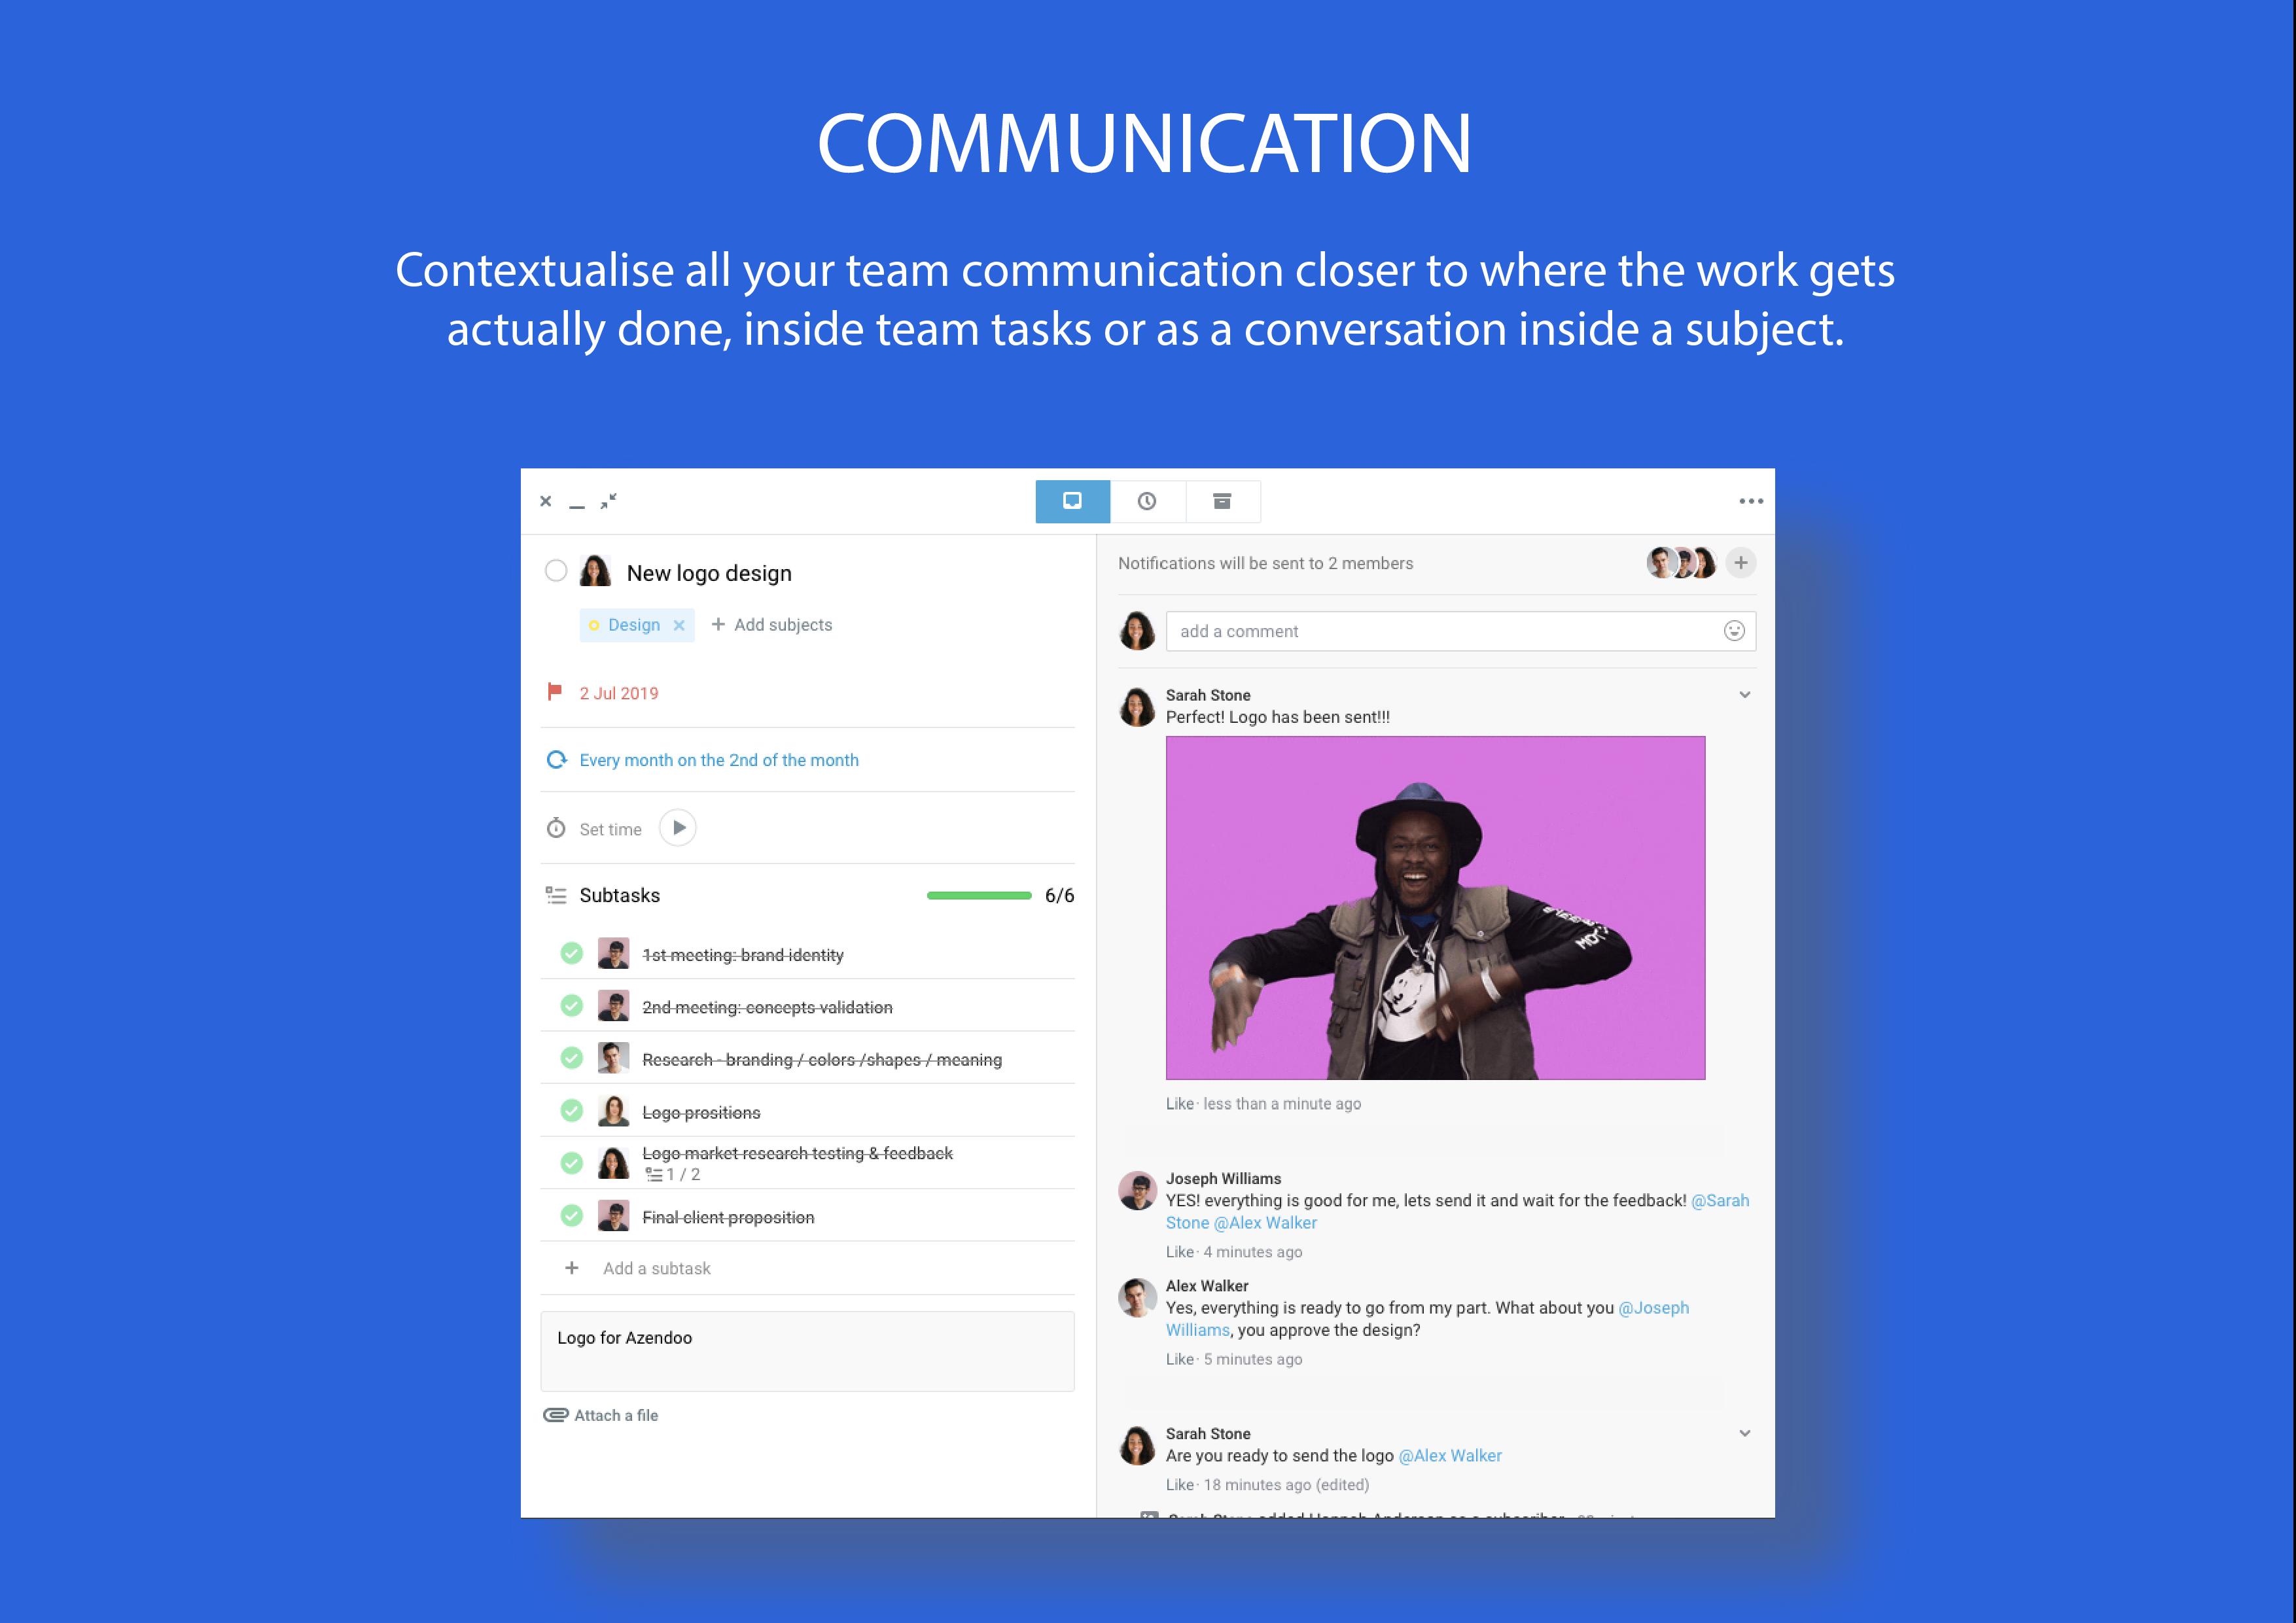 Task-focused team communication